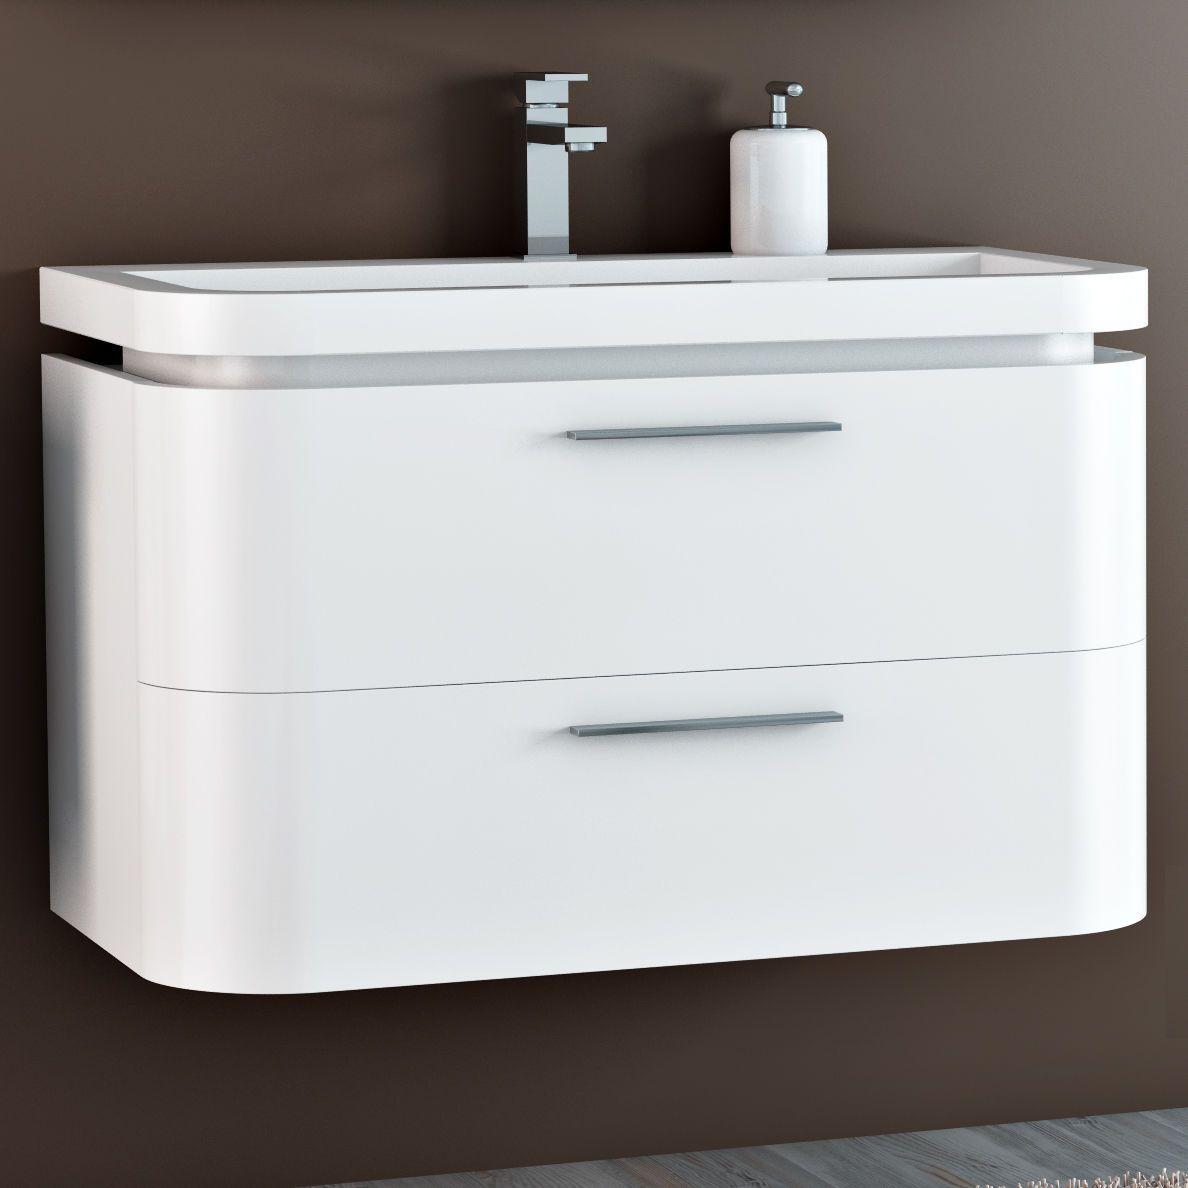 Mobile da bagno moderno saturno con 2 cassetti pa - Maniglie mobili ikea ...